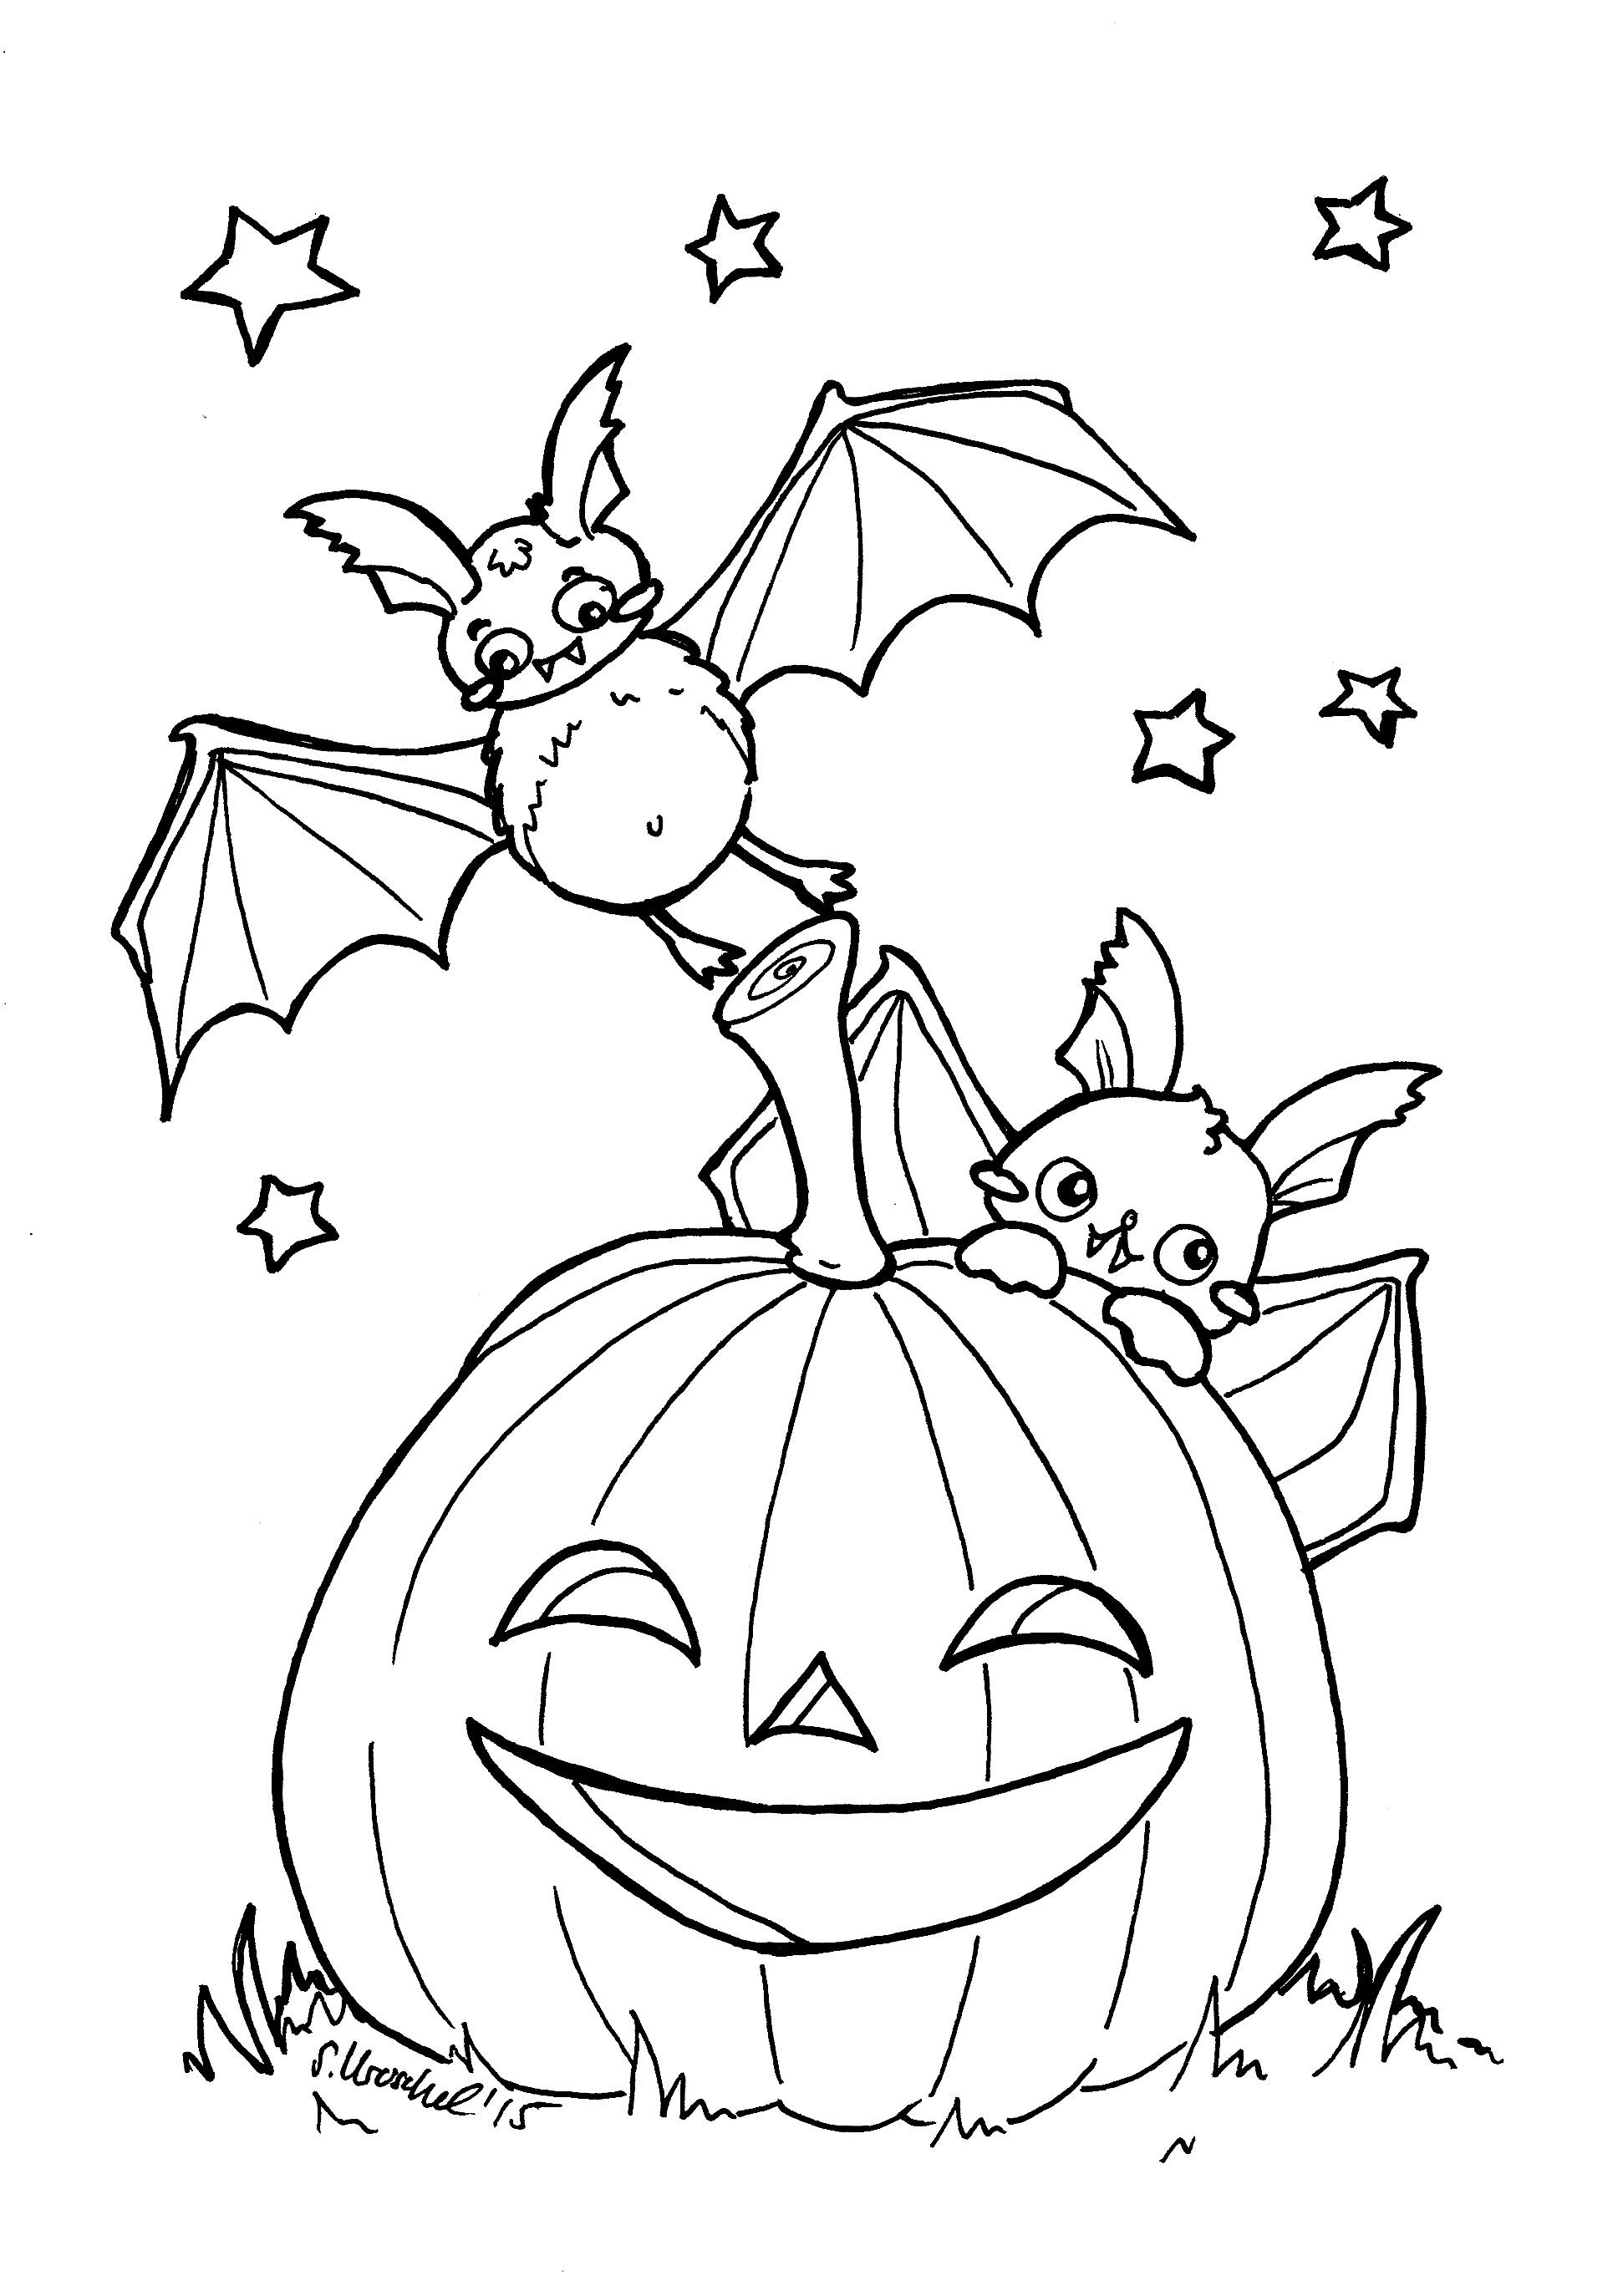 Ausmalbilder Für Halloween : Tolle Fledermaus Ausmalbilder Halloween Galerie Druckbare